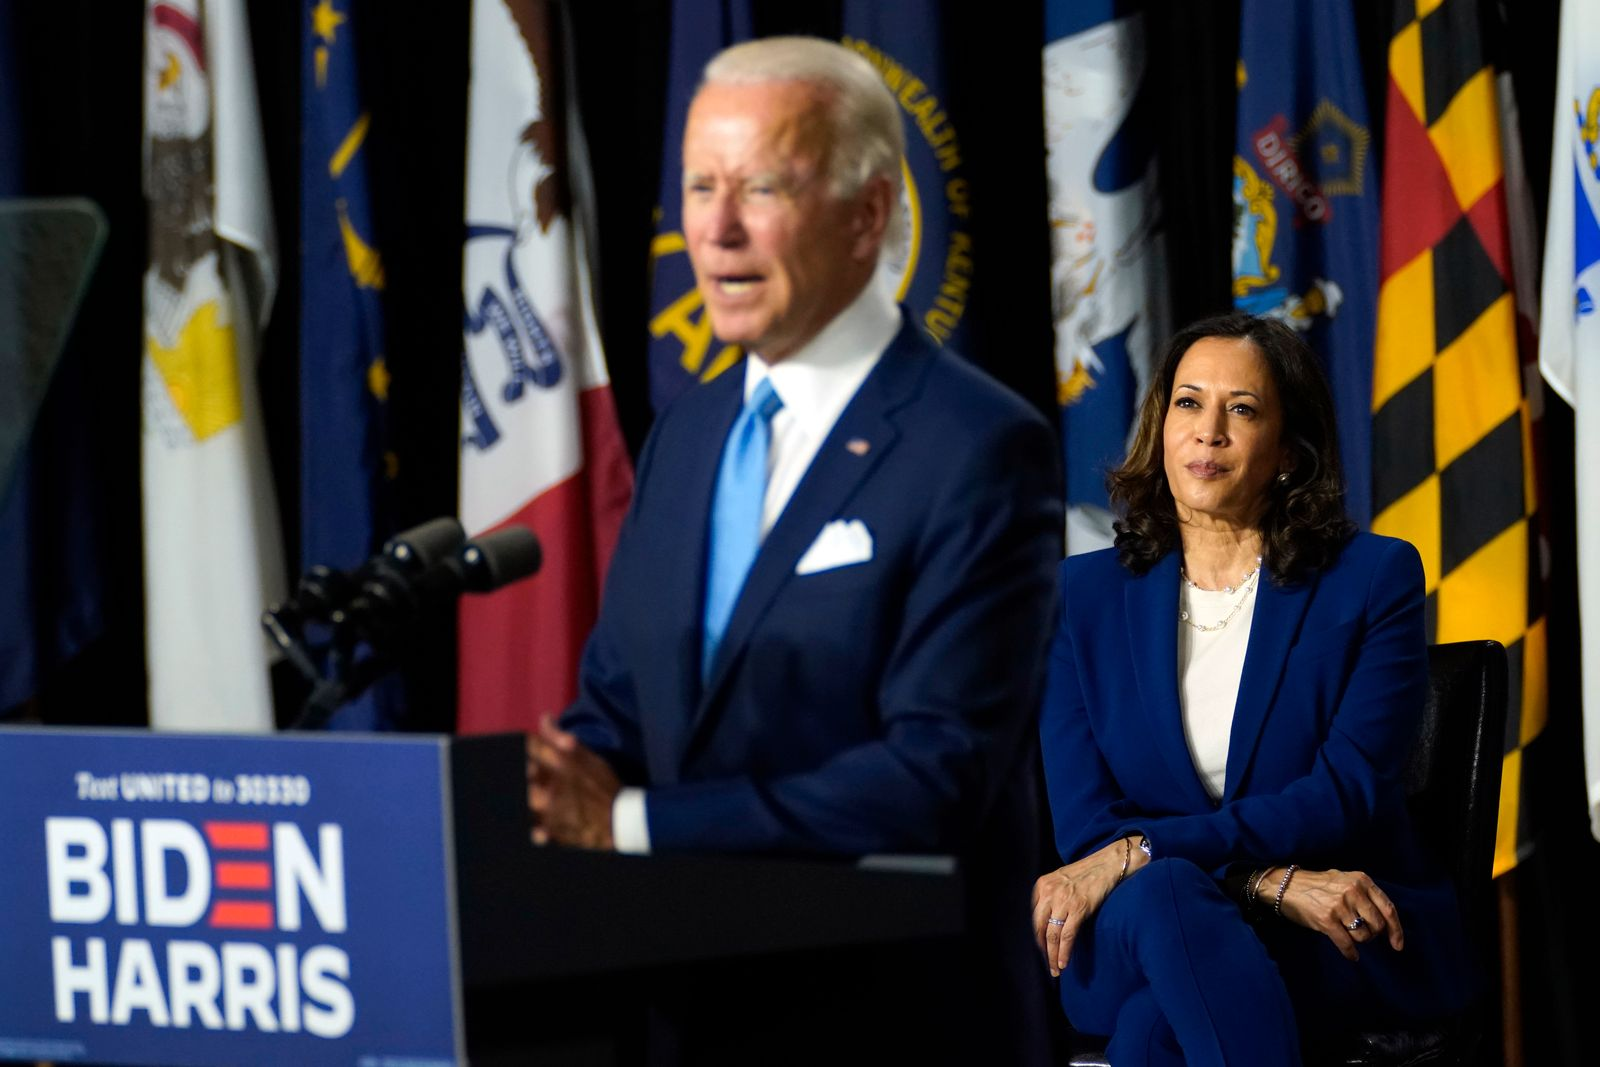 Biden zieht mit Harris als Vize-Kandidatin in Wahl